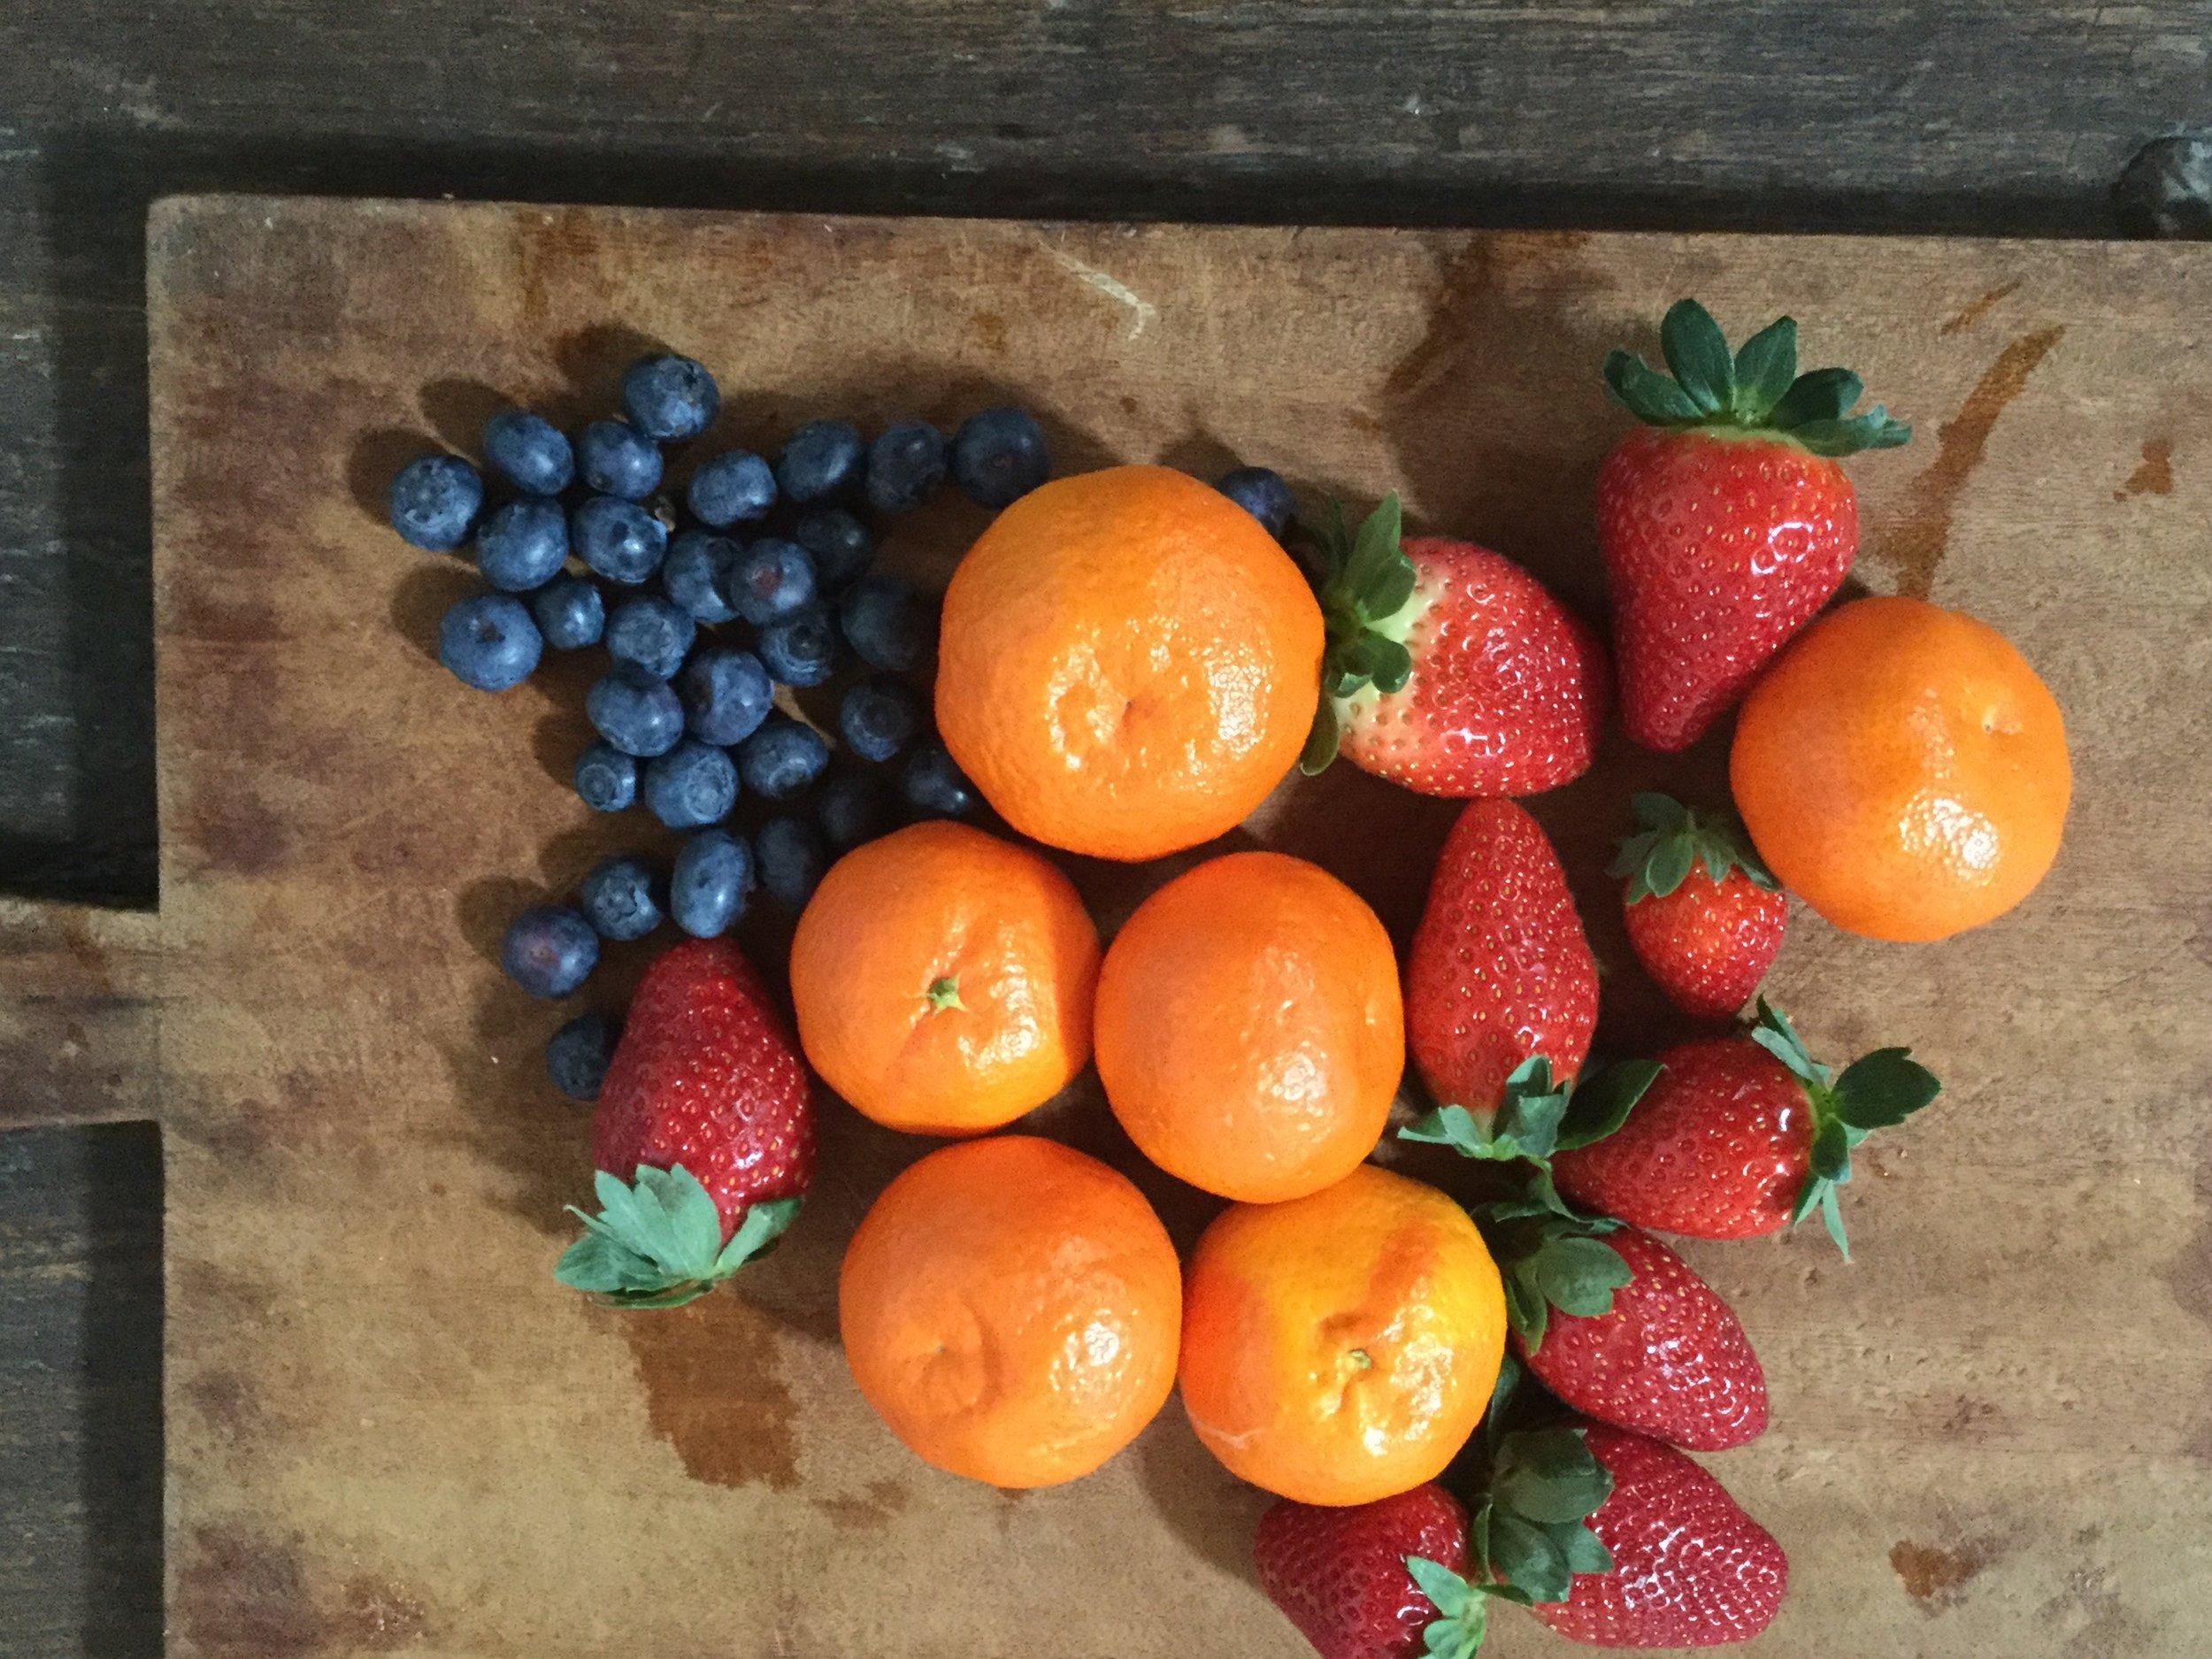 Breakfast produce